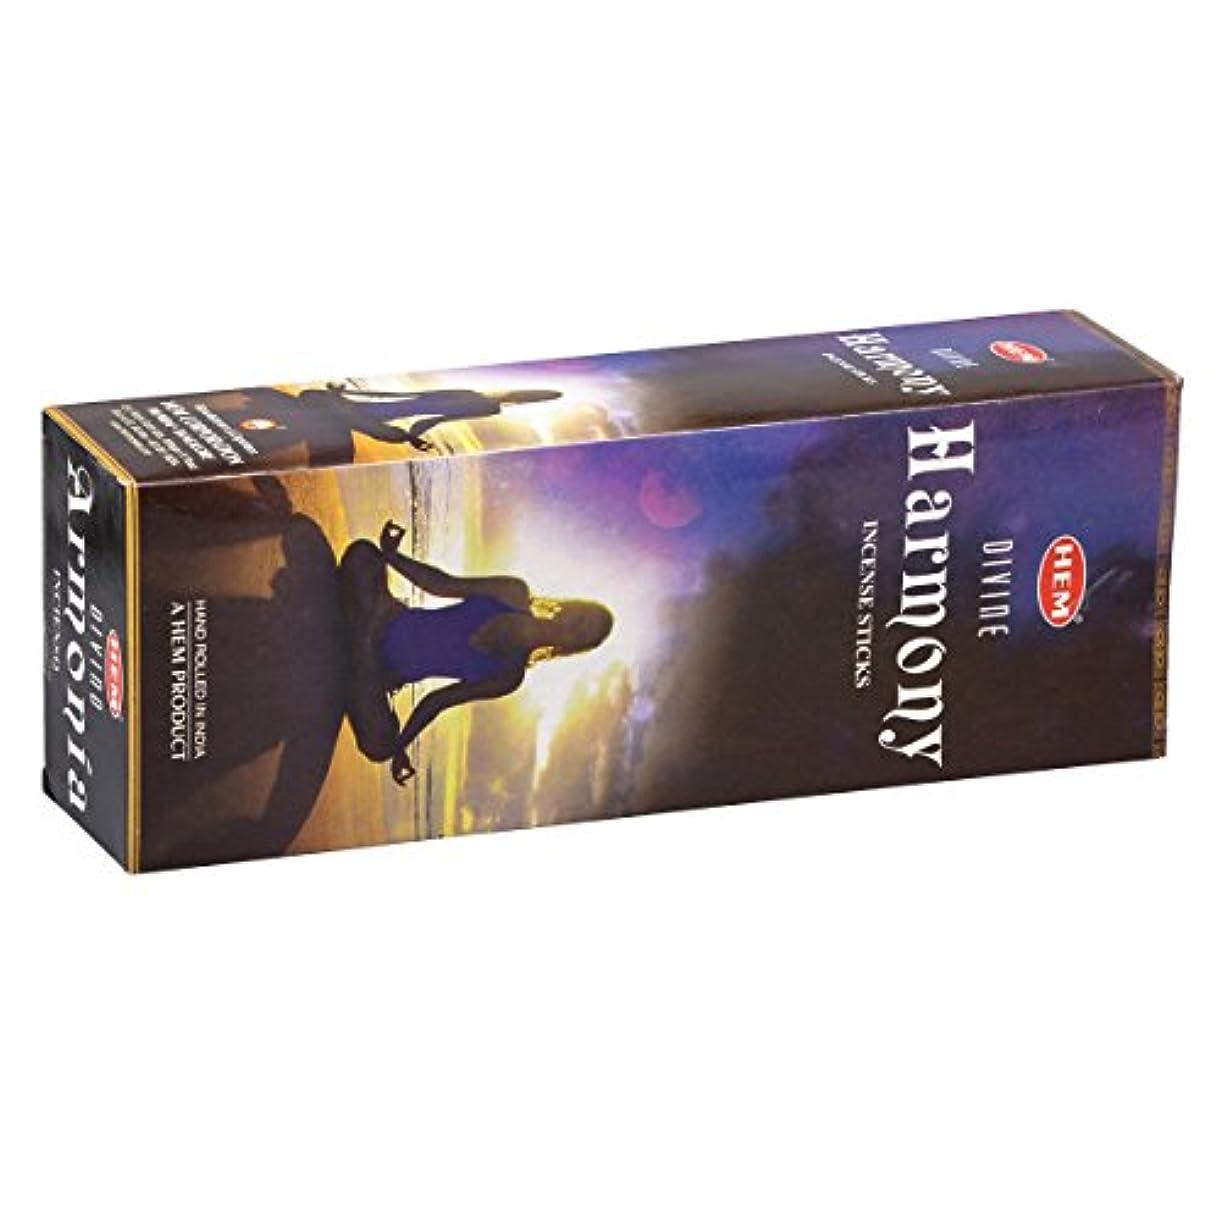 十億挽くロケットHEM(ヘム) ハーモニー HARMONY スティックタイプ お香 6筒 セット [並行輸入品]